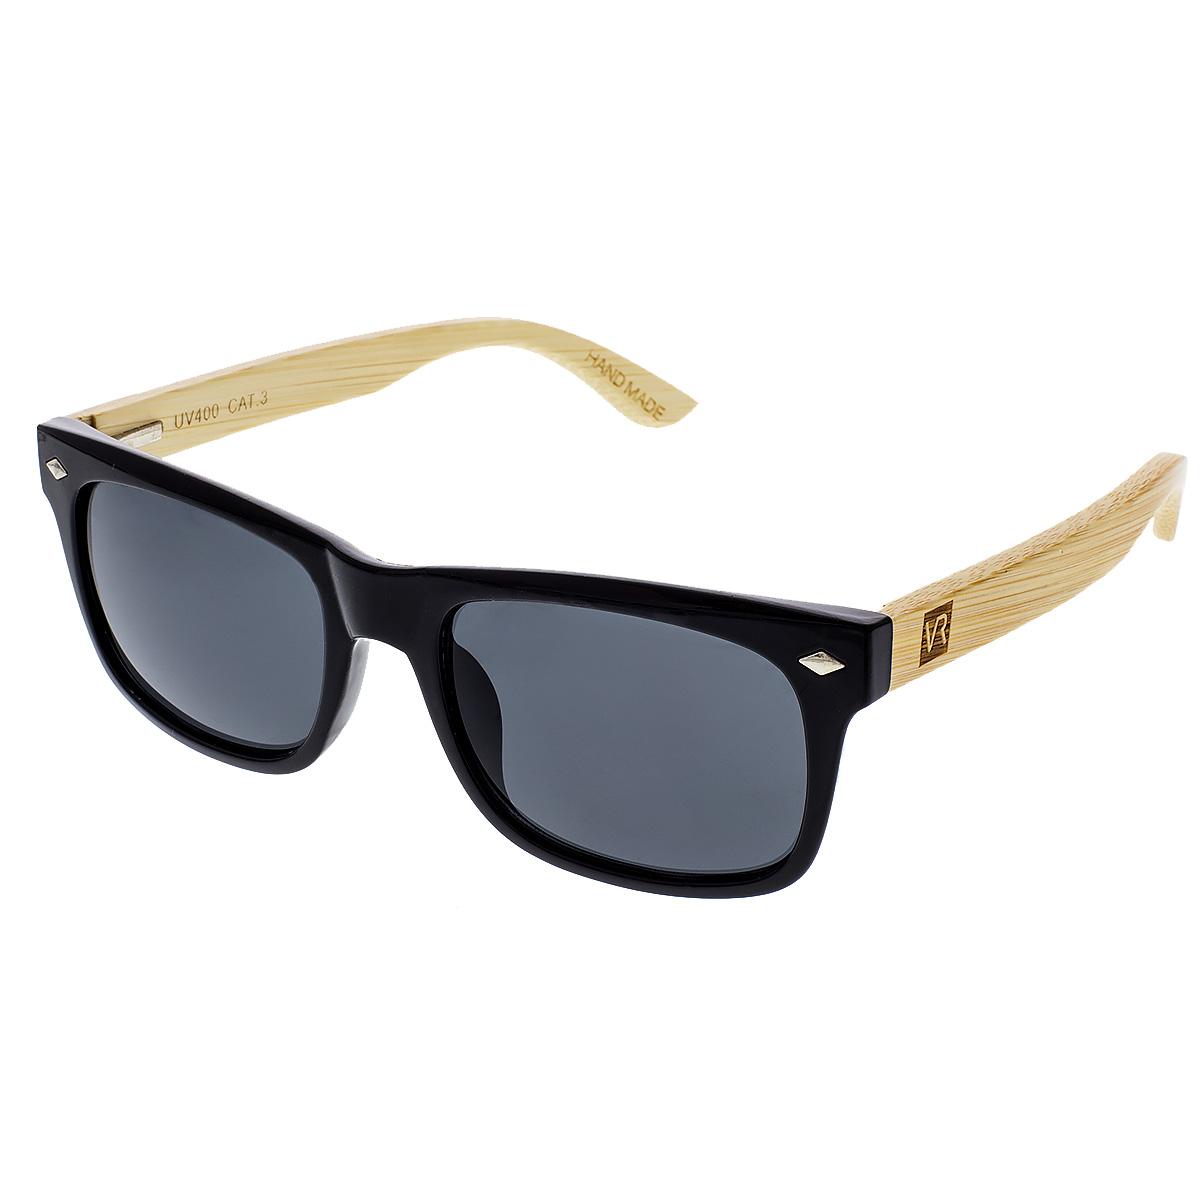 Dřevěné sluneční brýle Sawdust černá skla